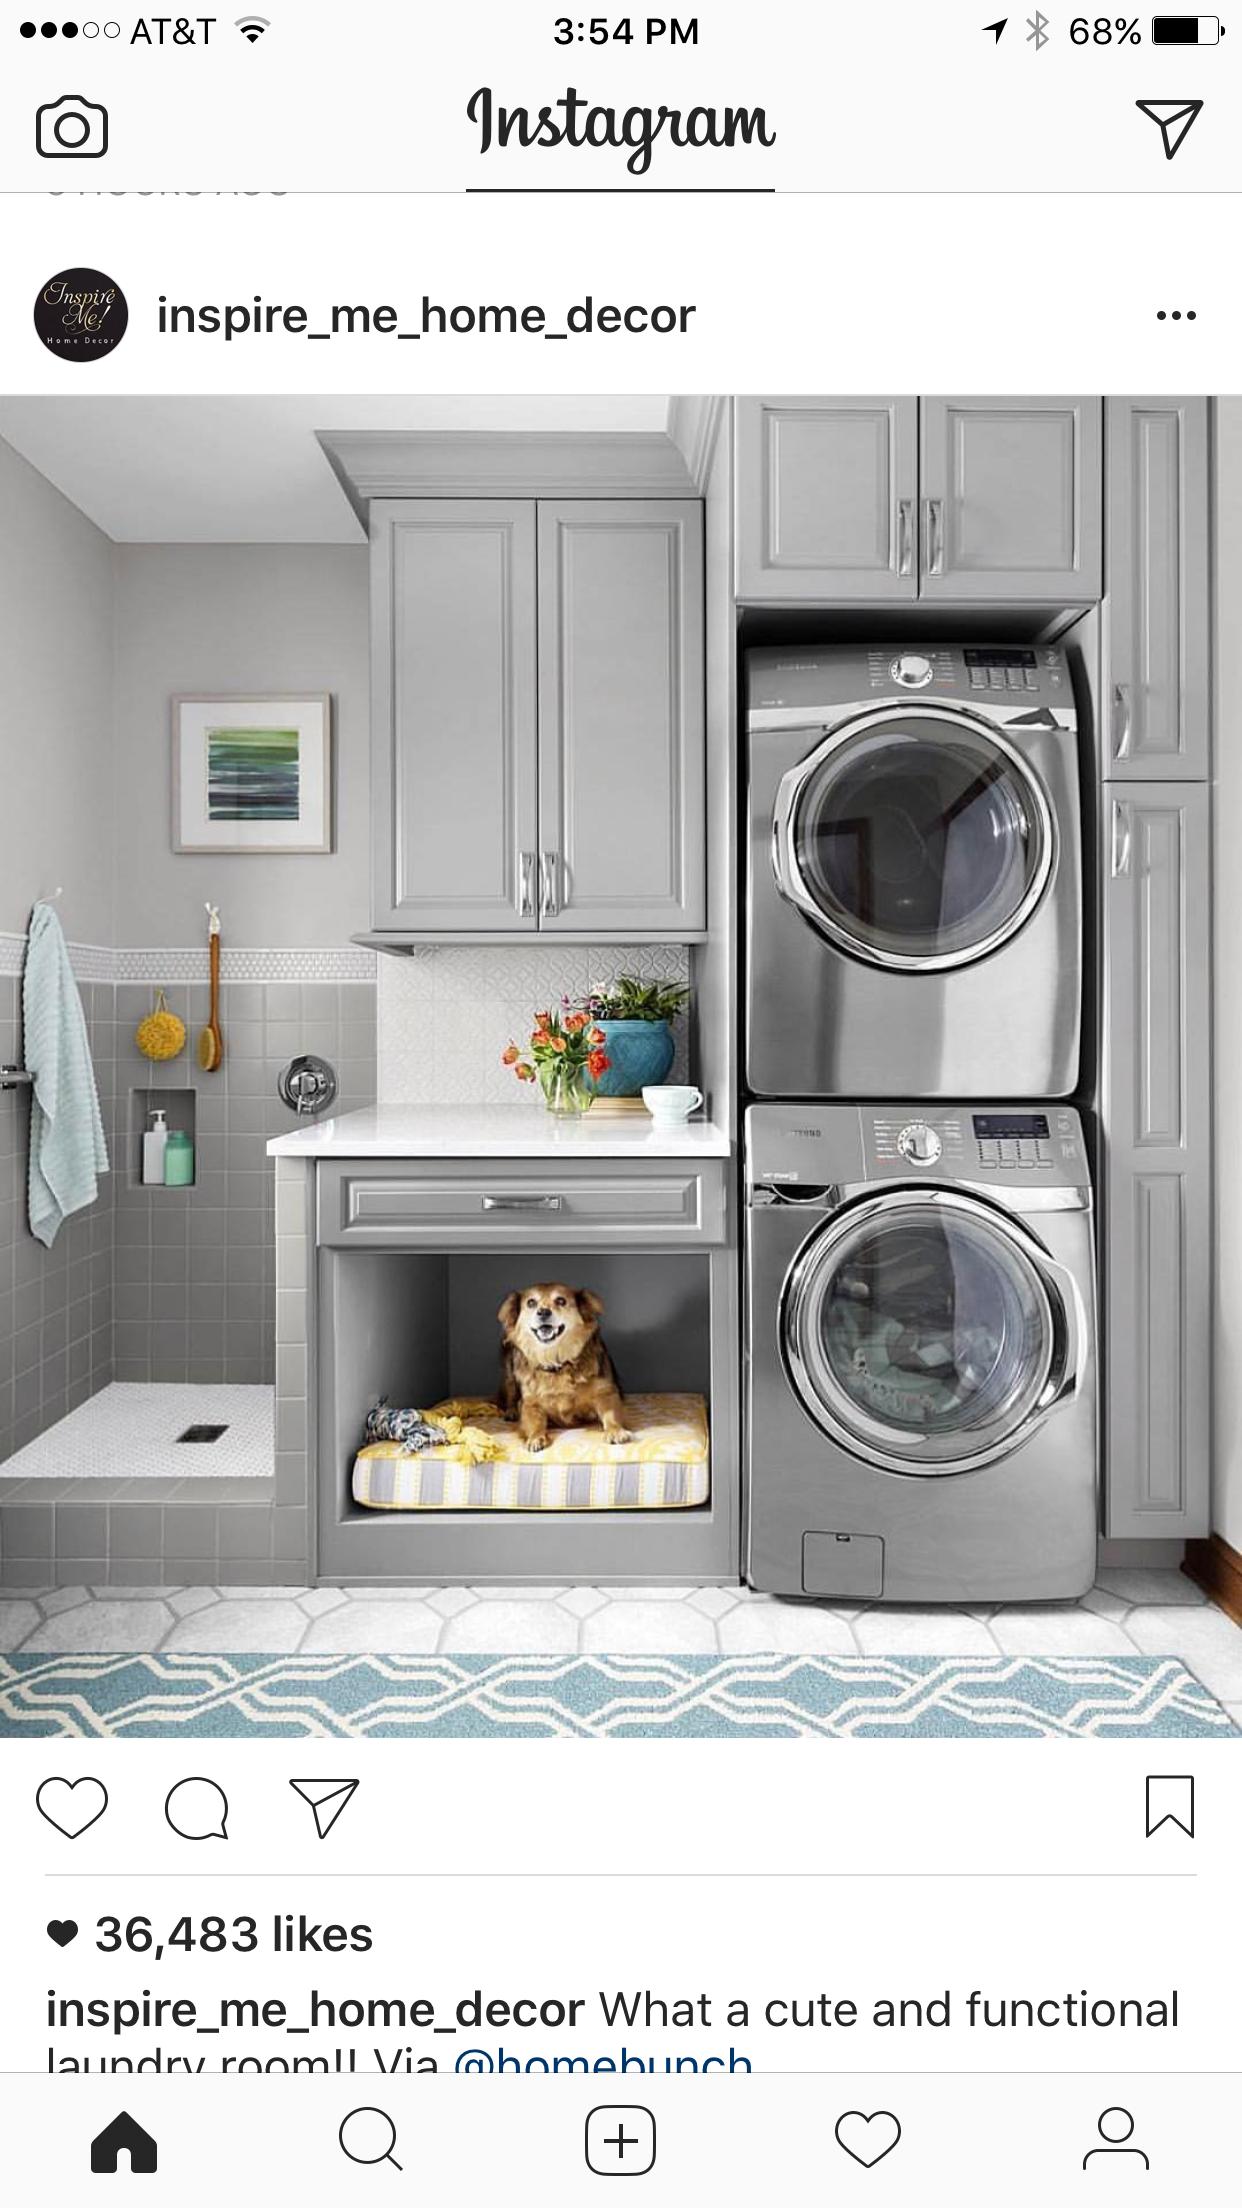 pingl par lynn zimmerman sur cabinets pinterest lavage salle et salle de bains. Black Bedroom Furniture Sets. Home Design Ideas